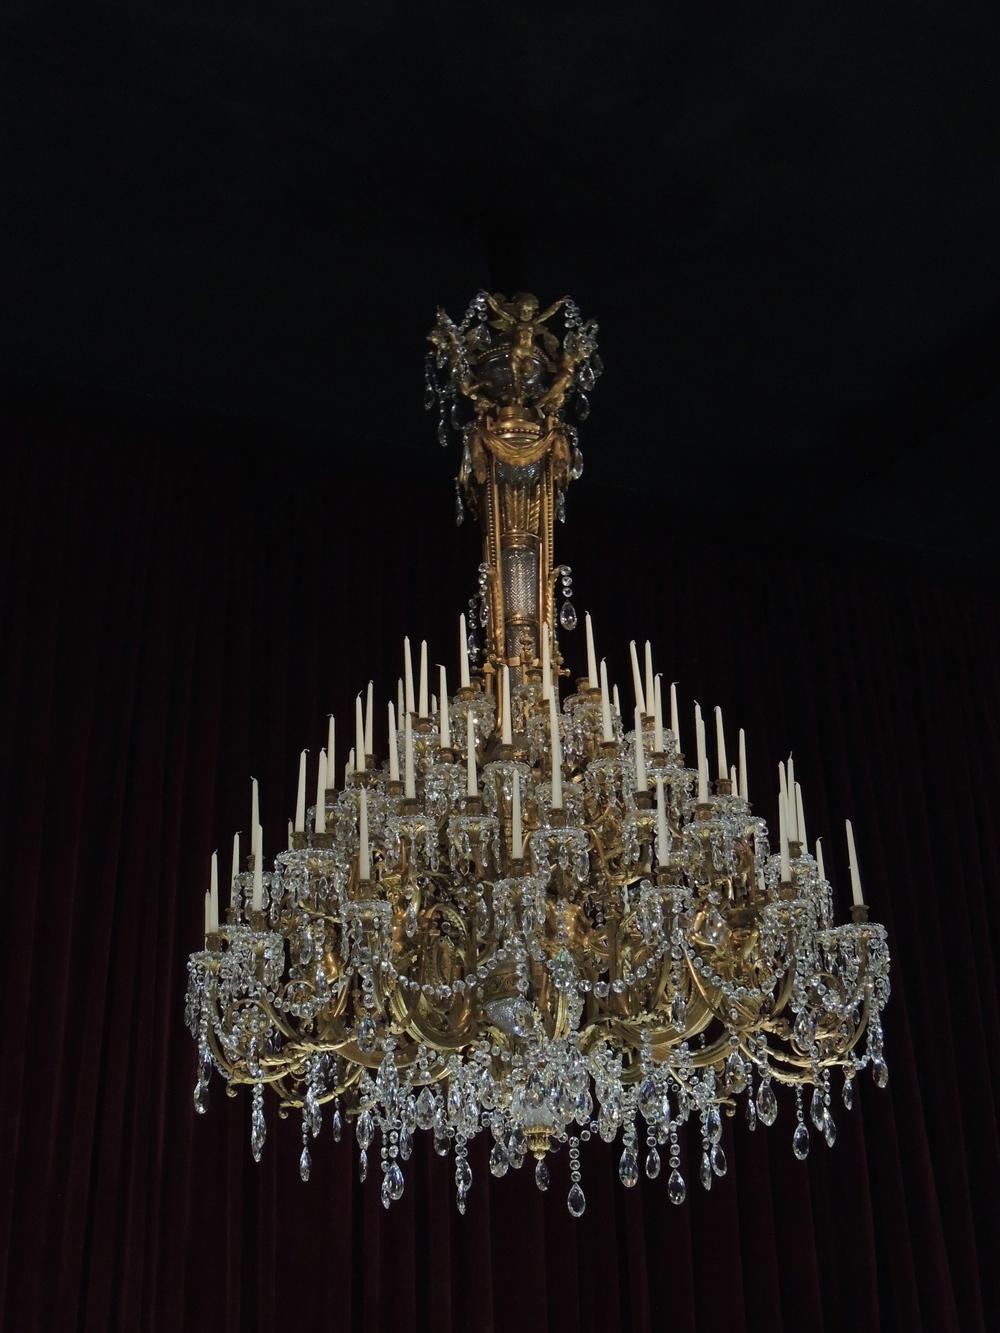 Baccarat Chandelier - Le Petit Palais And L'Hôtel Des Invalides — Honey  Bees & - Antique Baccarat Chandelier Antique Furniture